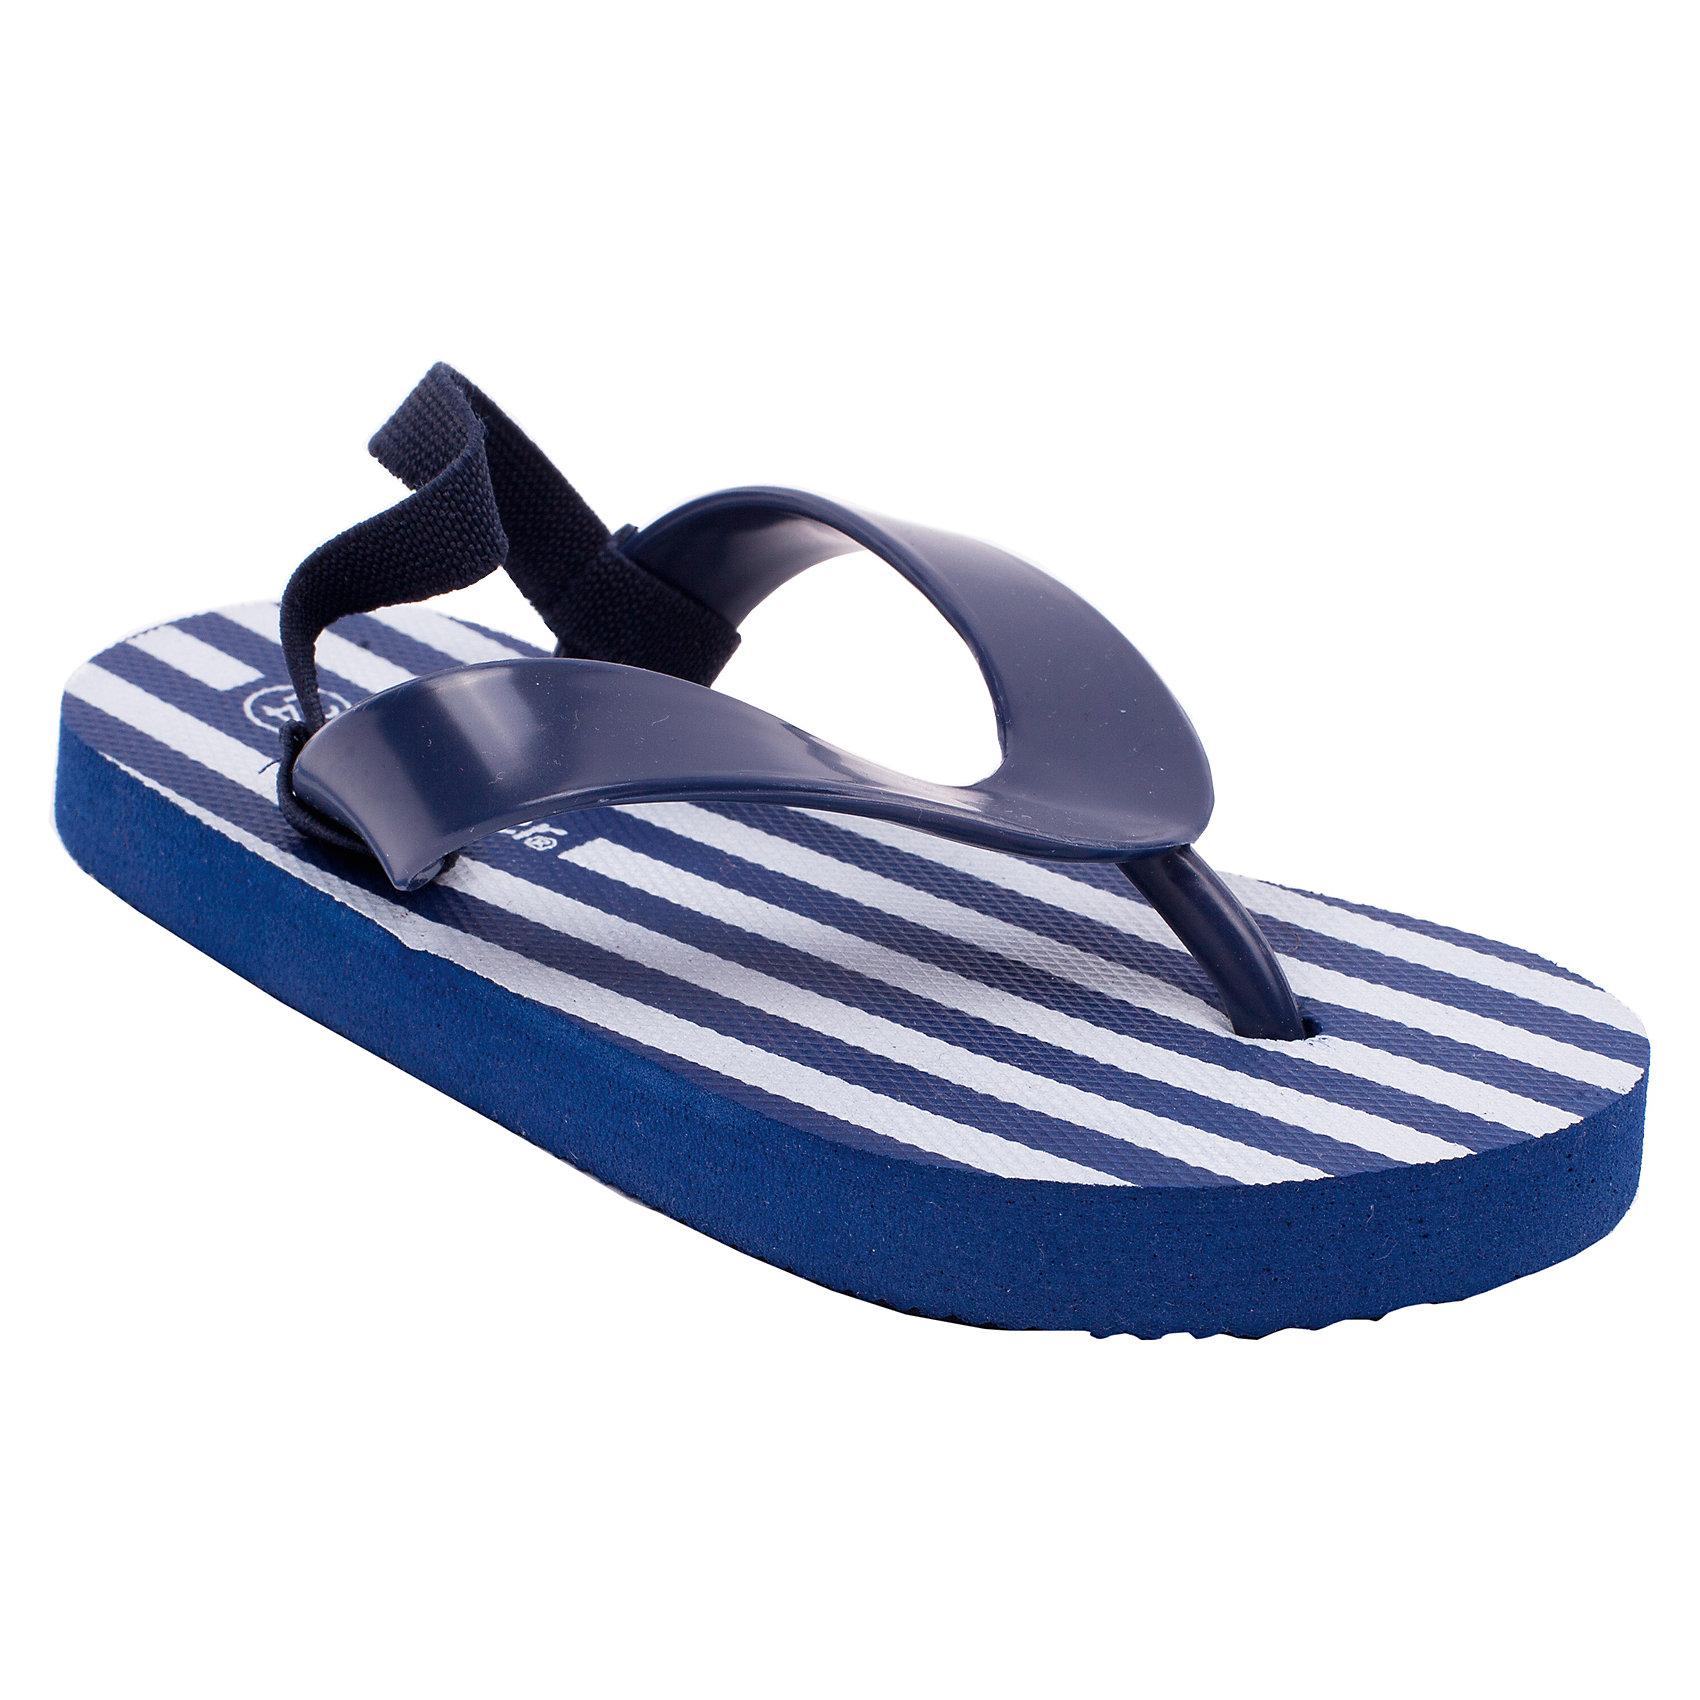 Gulliver Обувь пляжная для мальчика Gulliver пляжная обувь peppa pig пляжная обувь